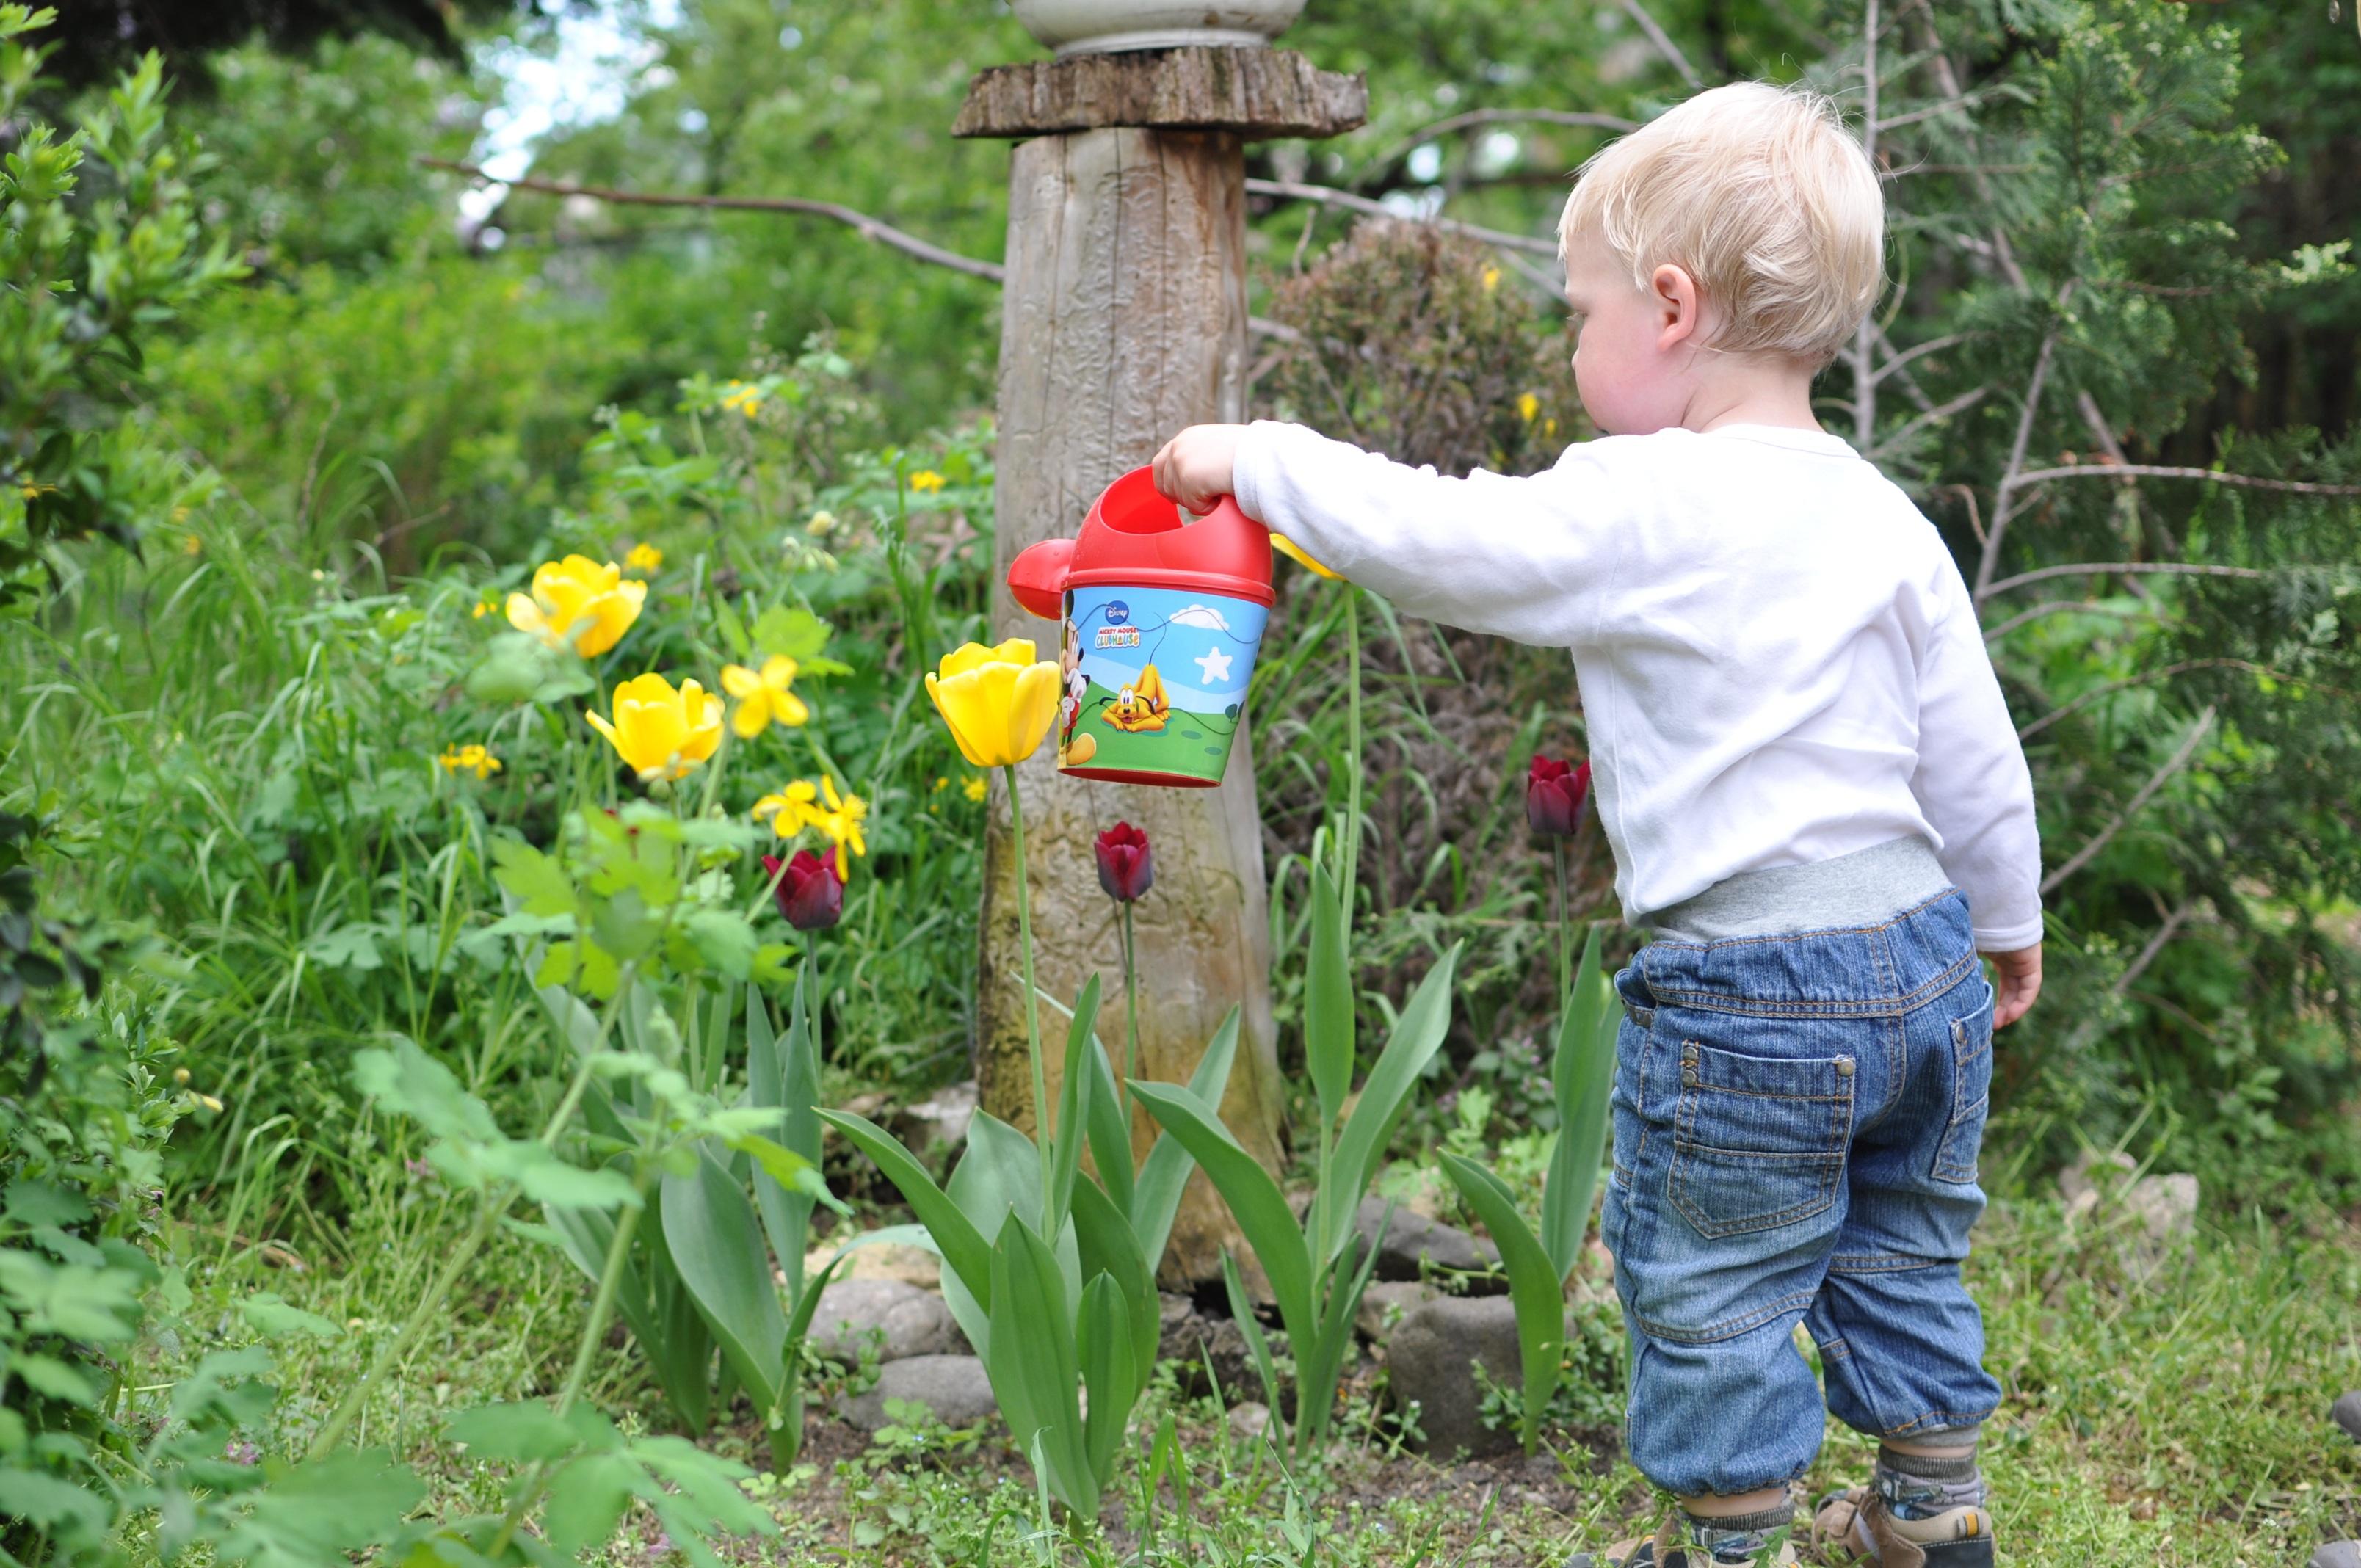 A child gardening